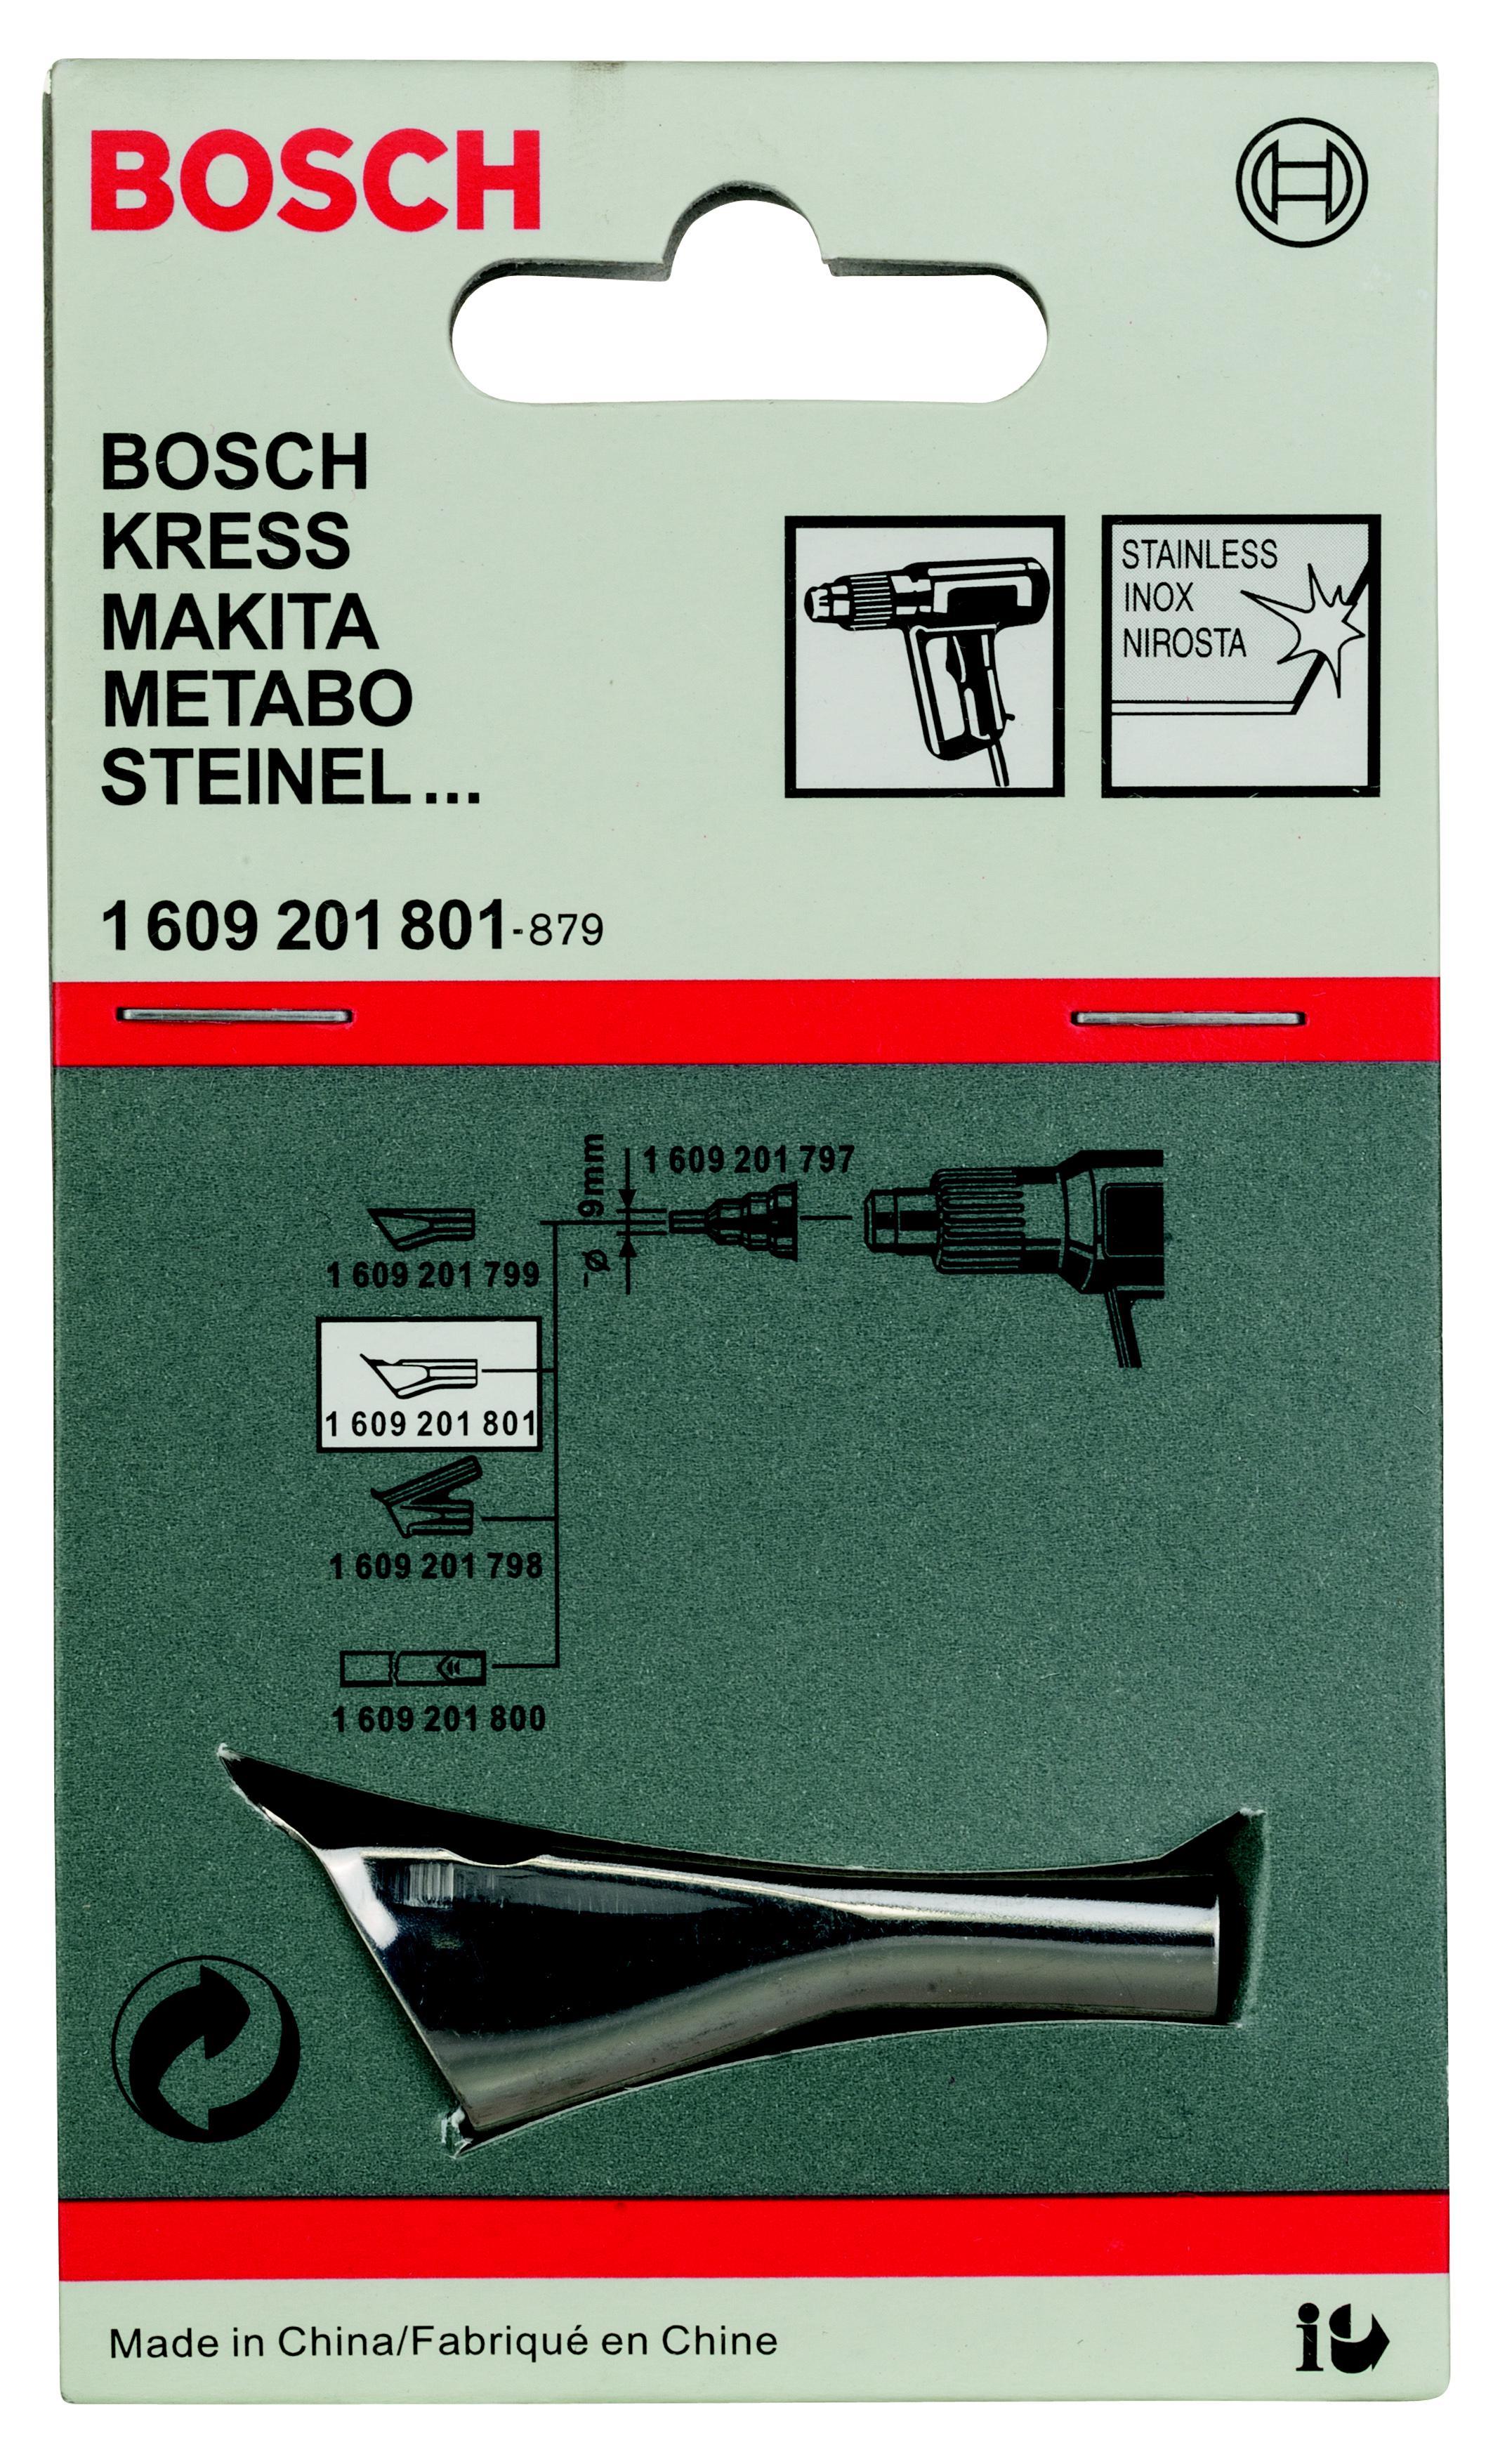 Насадка Bosch для фена - сварочное сопло (1.609.201.801)